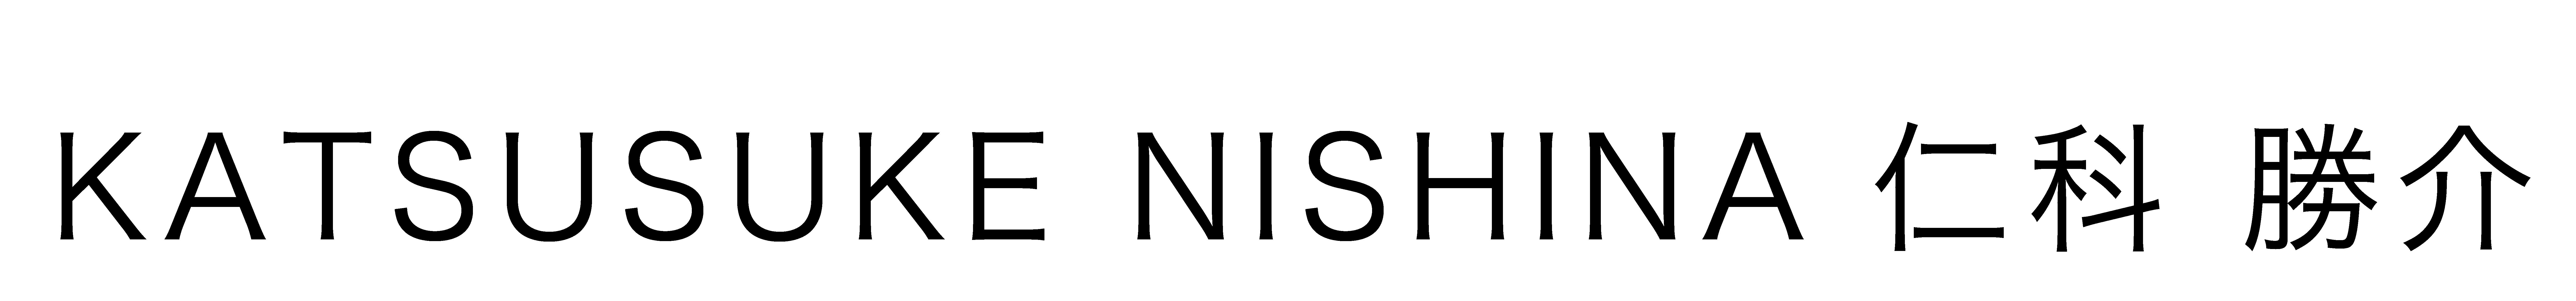 KATSUSUKE NISHINA